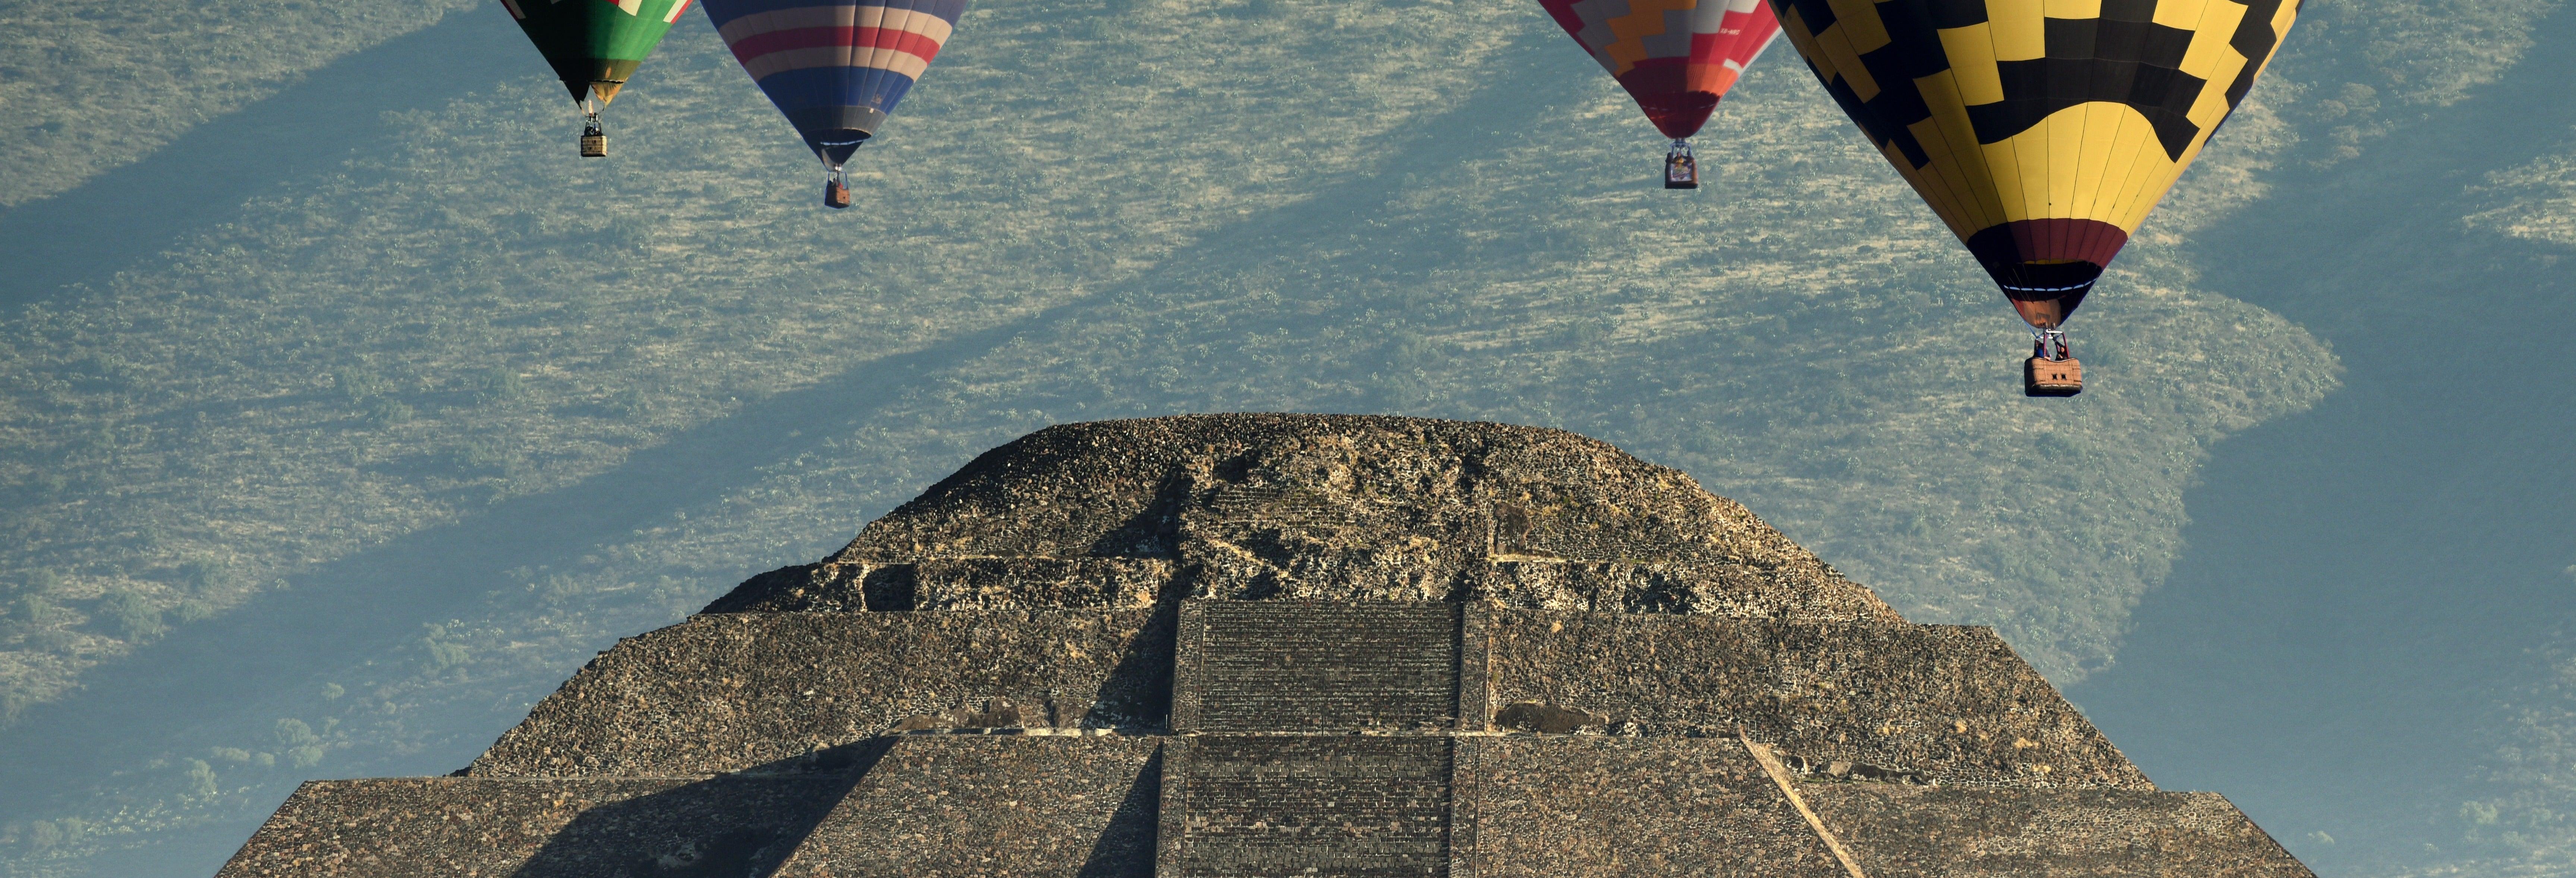 Giro in mongolfiera su Teotihuacan